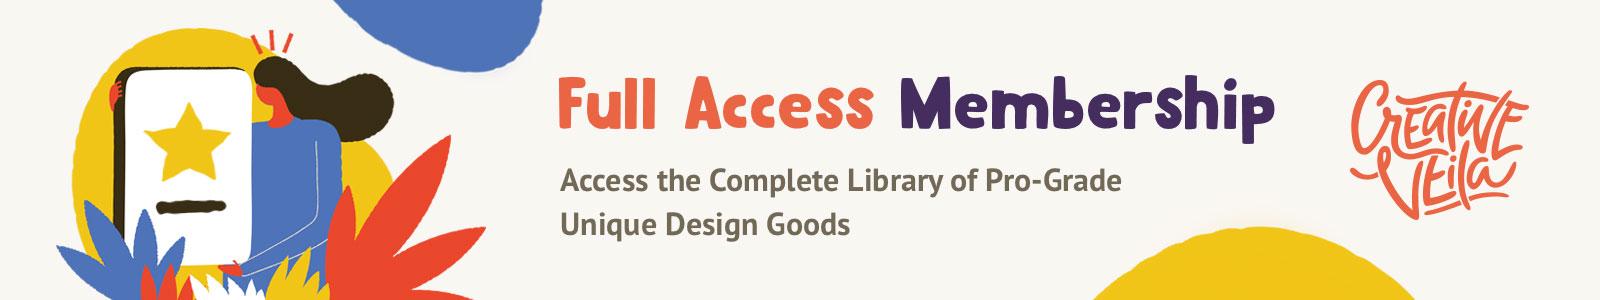 Full Access Premium Membership.jpg